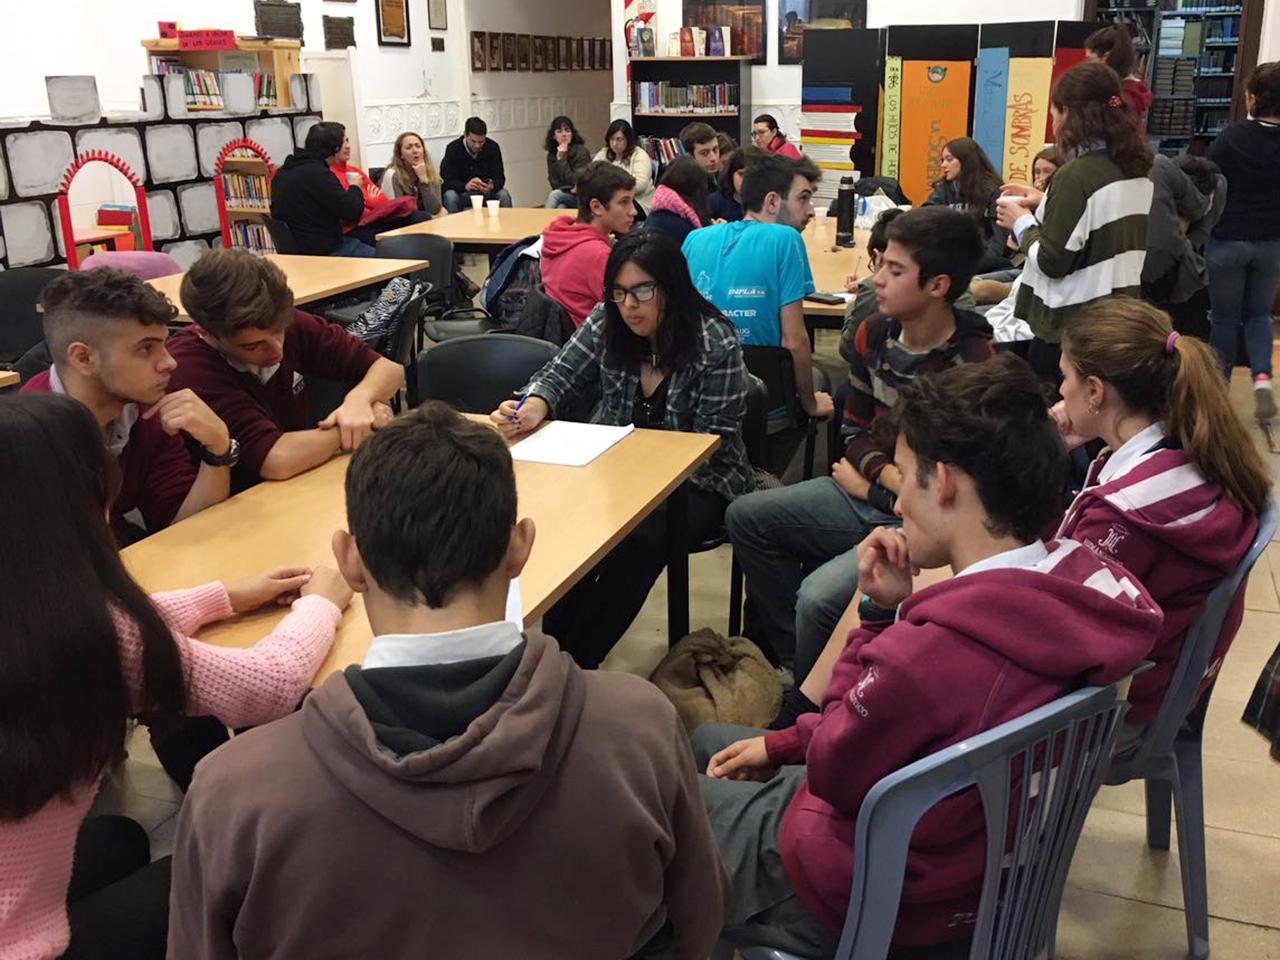 En el marco del Programa Municipal del Parlamento Estudiantil que lleva adelante la Dirección de Juventud, días atrás se llevó a cabo un encuentro en la Biblioteca Municipal Joaquín Menéndez que contó con una nutrida concurrencia de adolescentes del Partido de Pergamino.